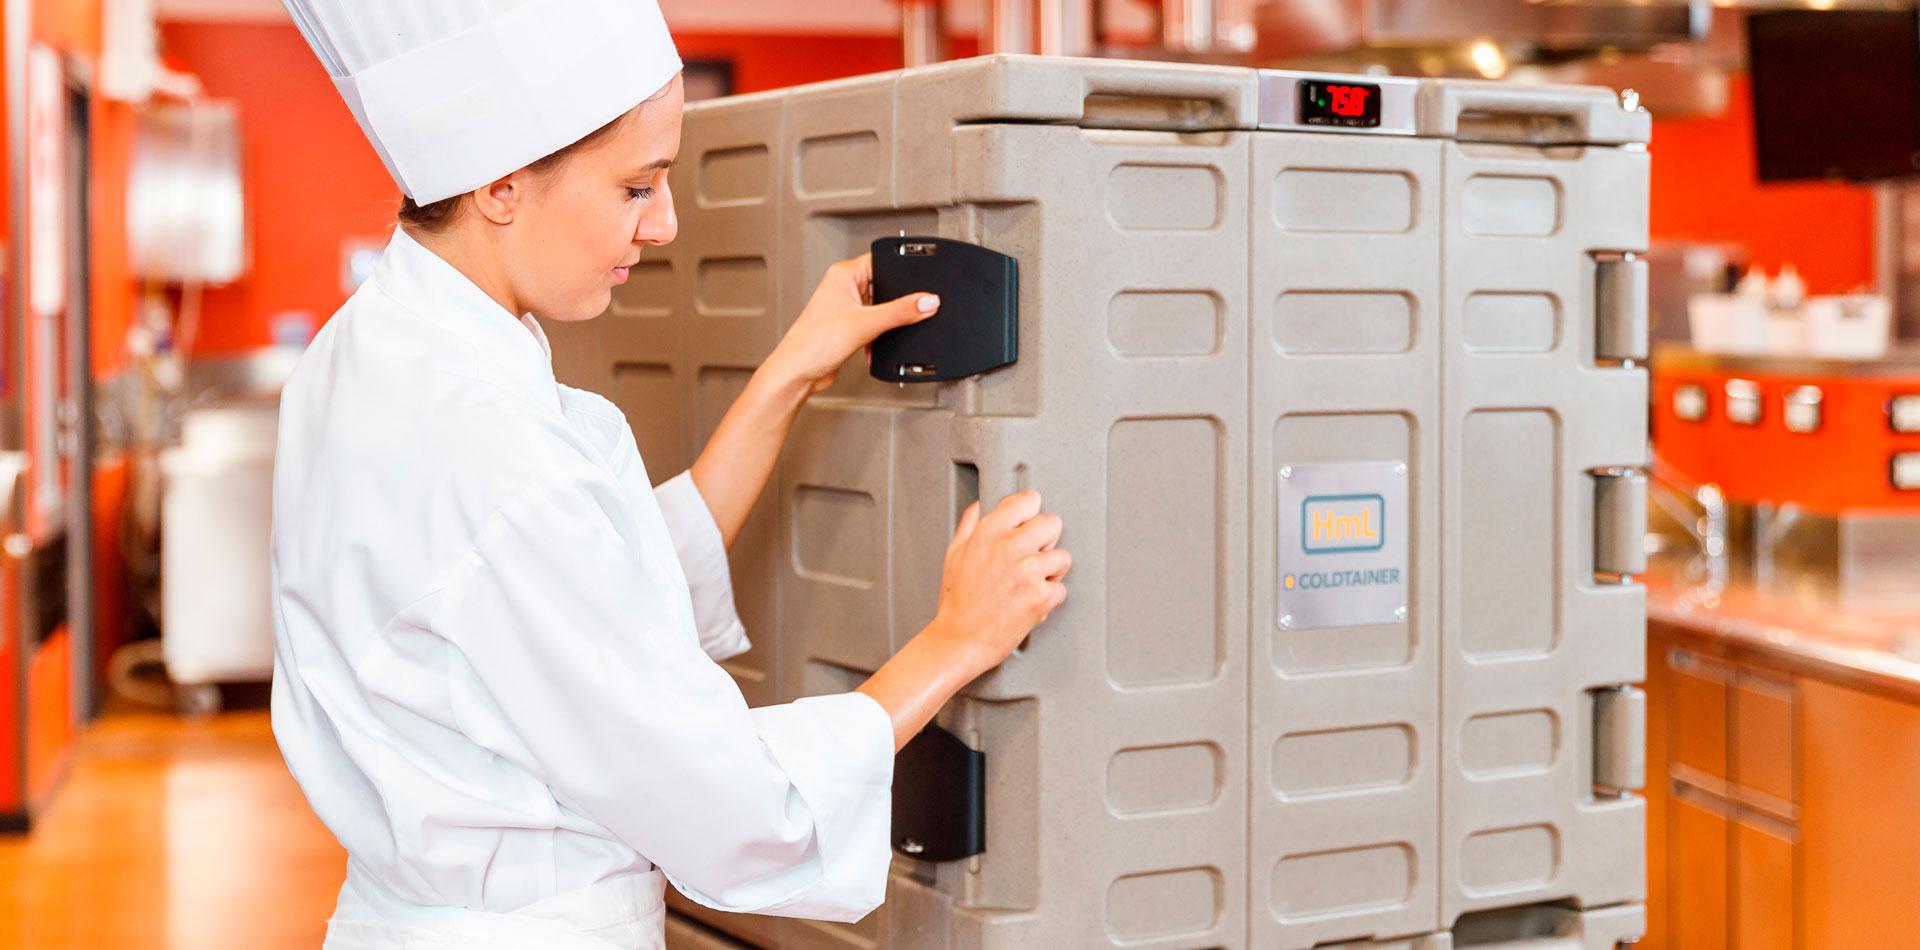 contenitori-trasporto-pasti-caldi-cucine-mense-04